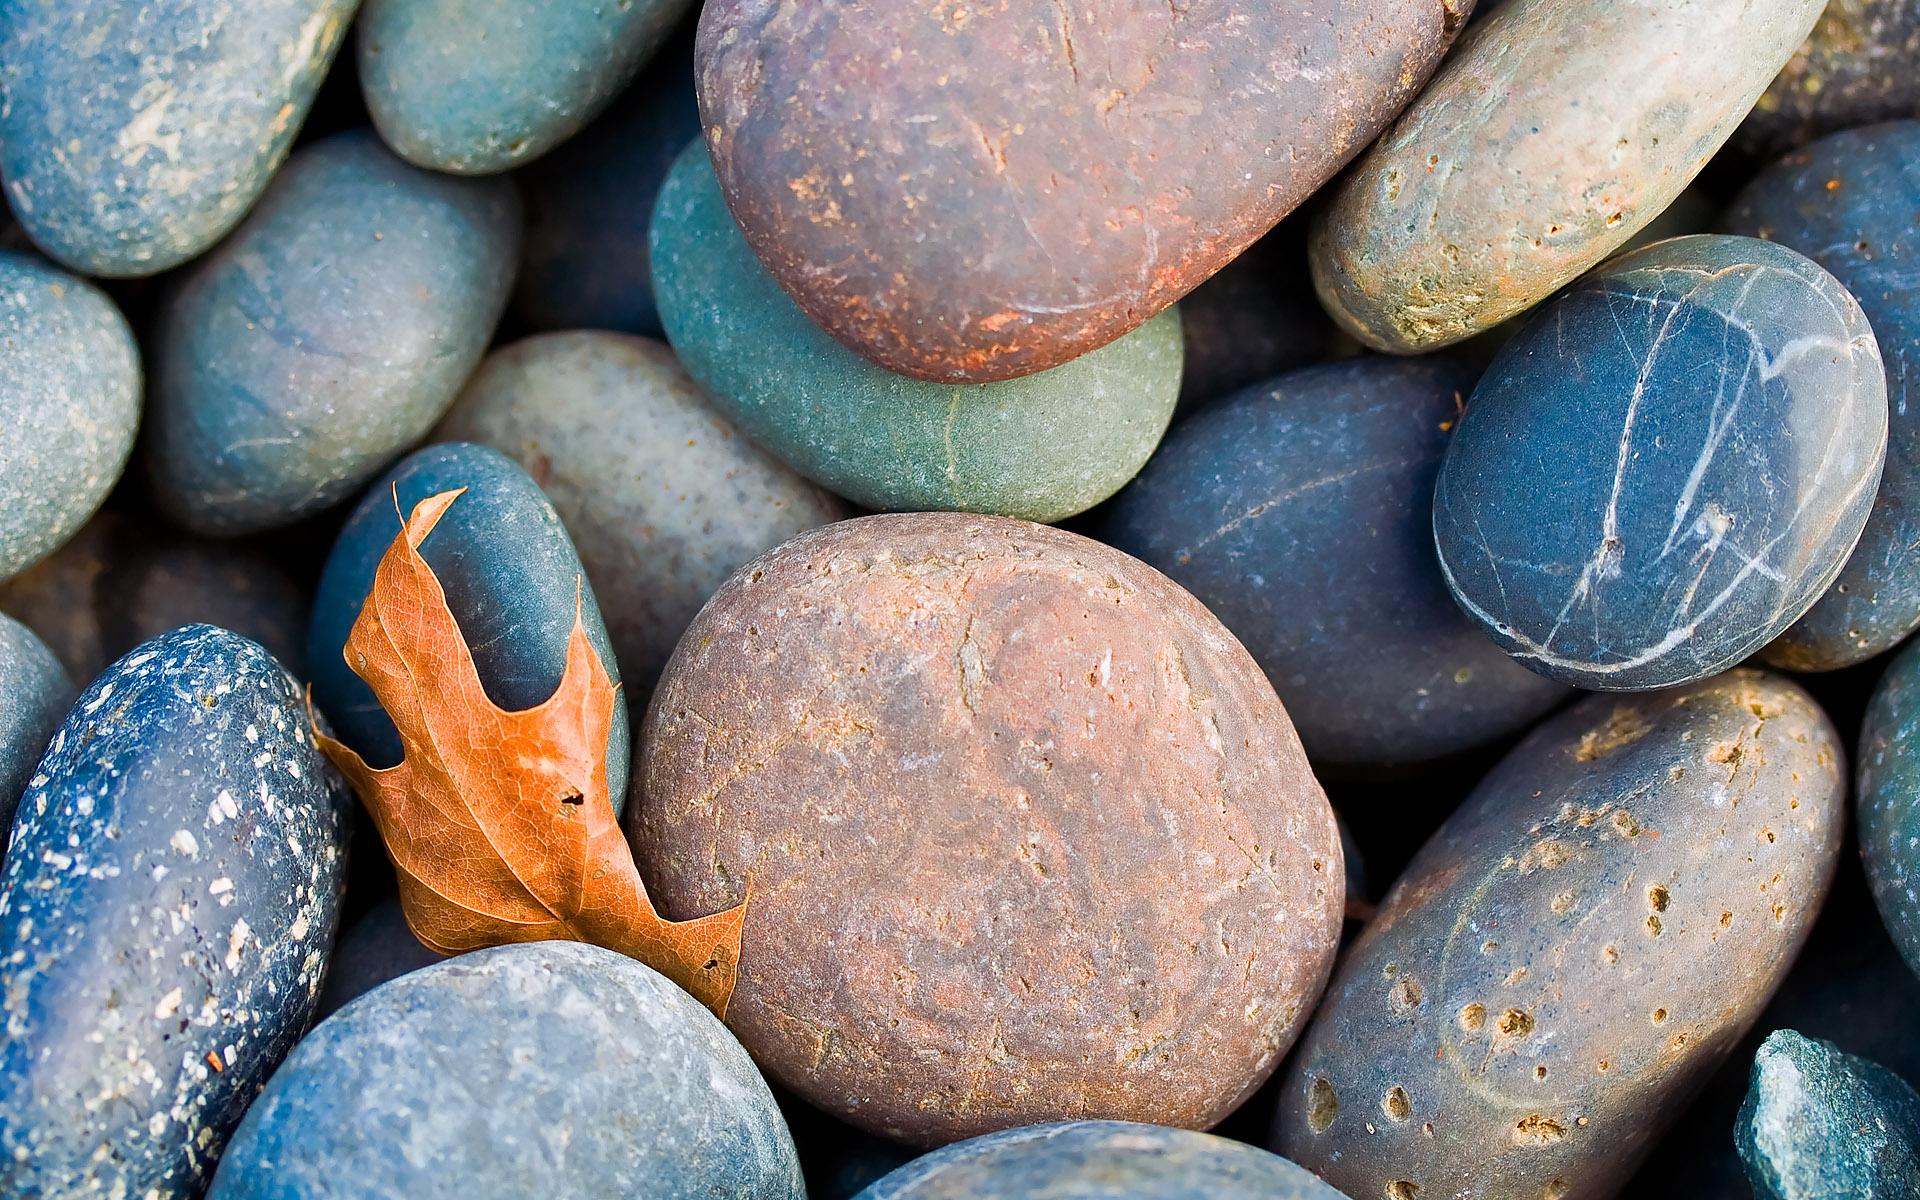 Piedras de rio - 1920x1200